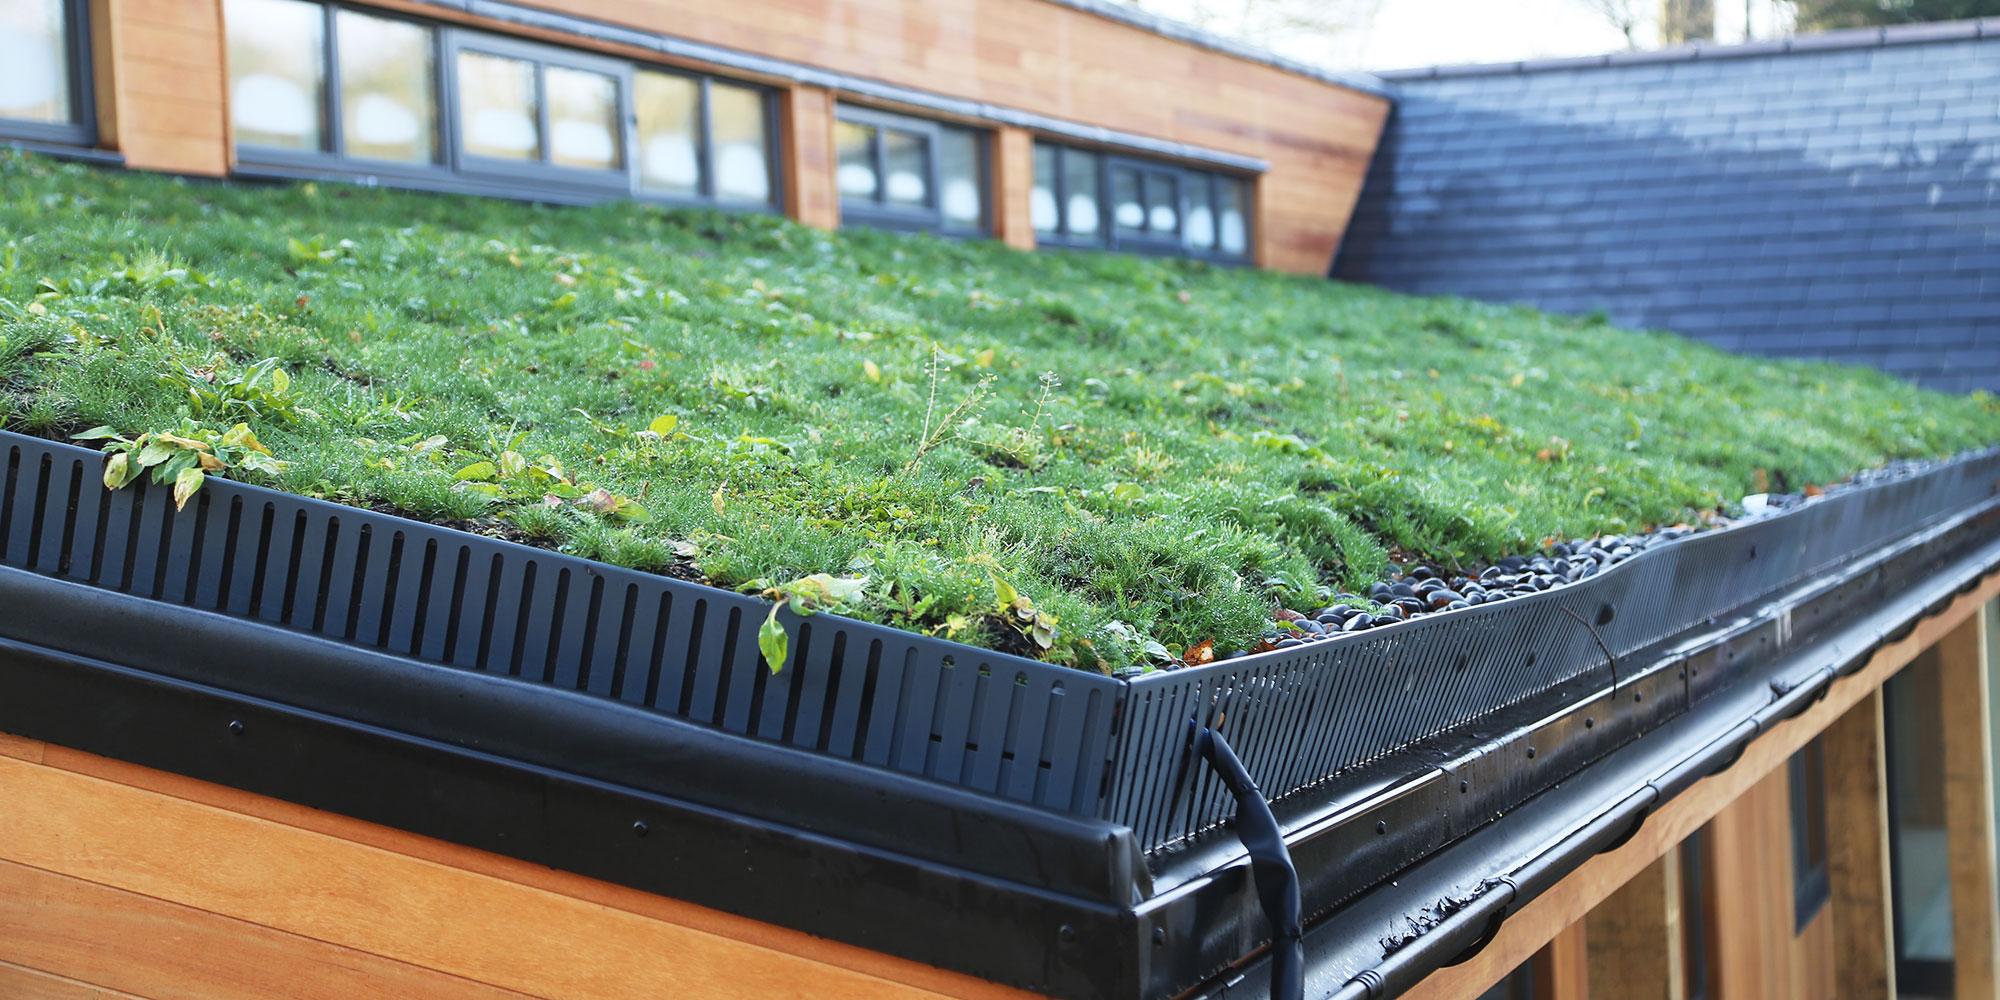 Detailing Amp Rainwater Goods Organic Roofs